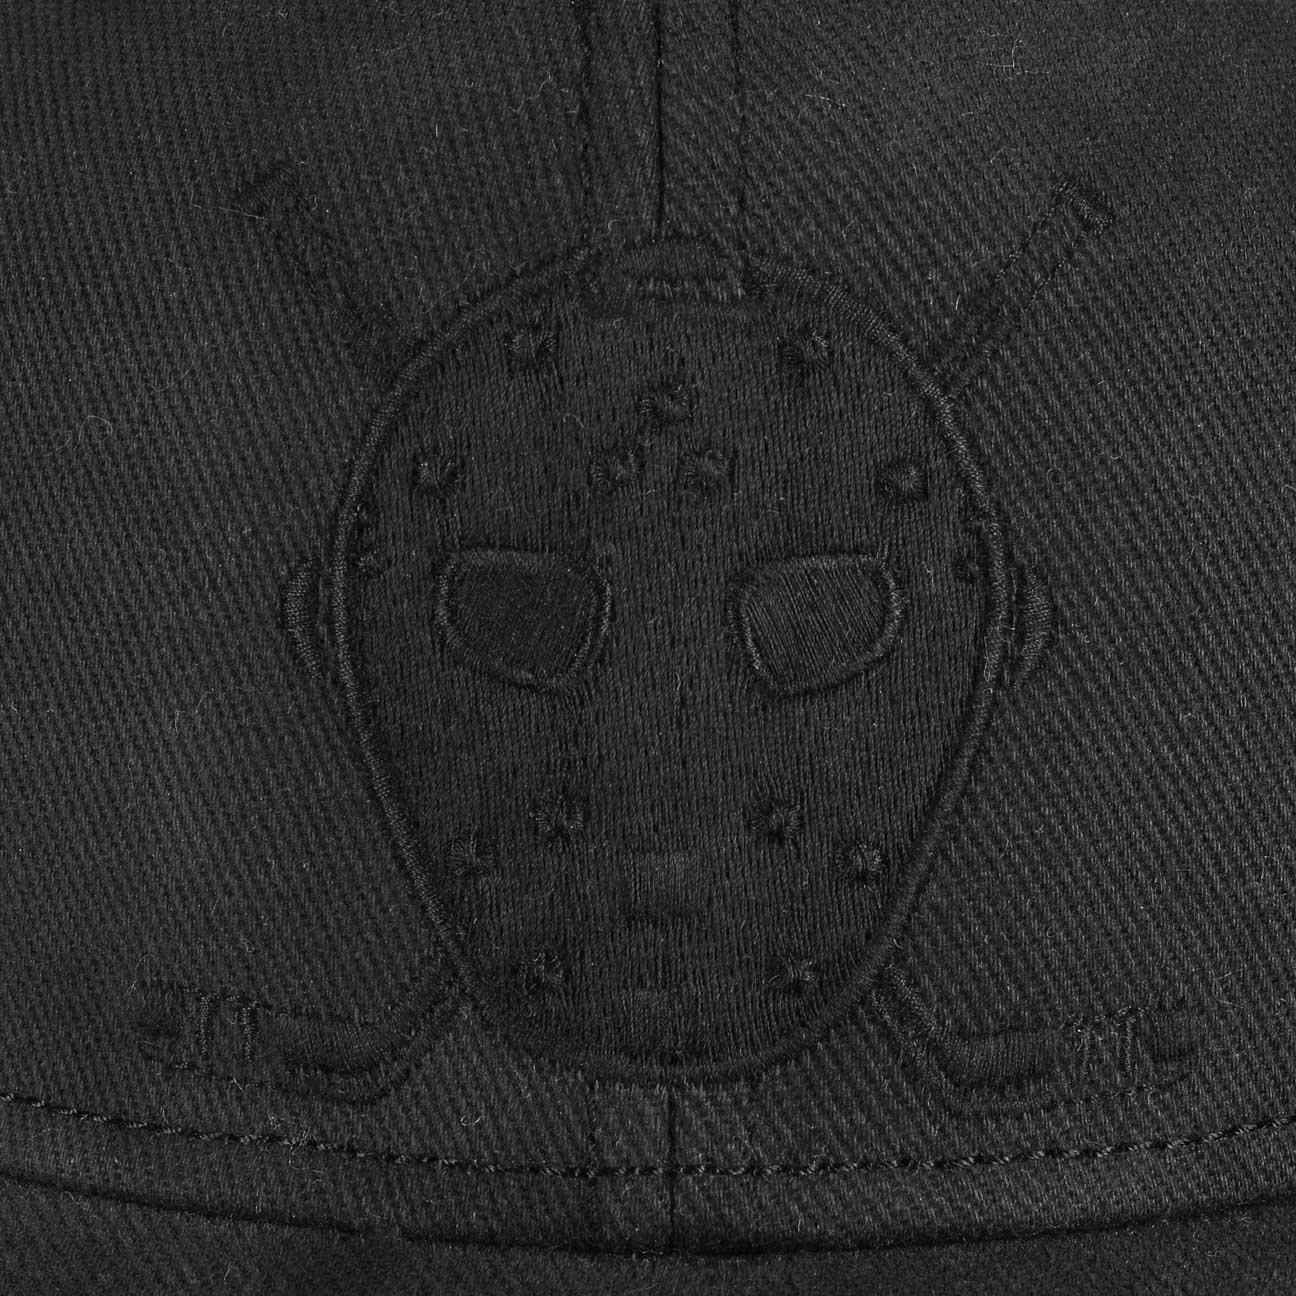 Stetson Cali Brushed Twill cap Uomo con Visiera Fodera Autunno//Inverno Berretto Baseball Cappellino Cotton Snapback